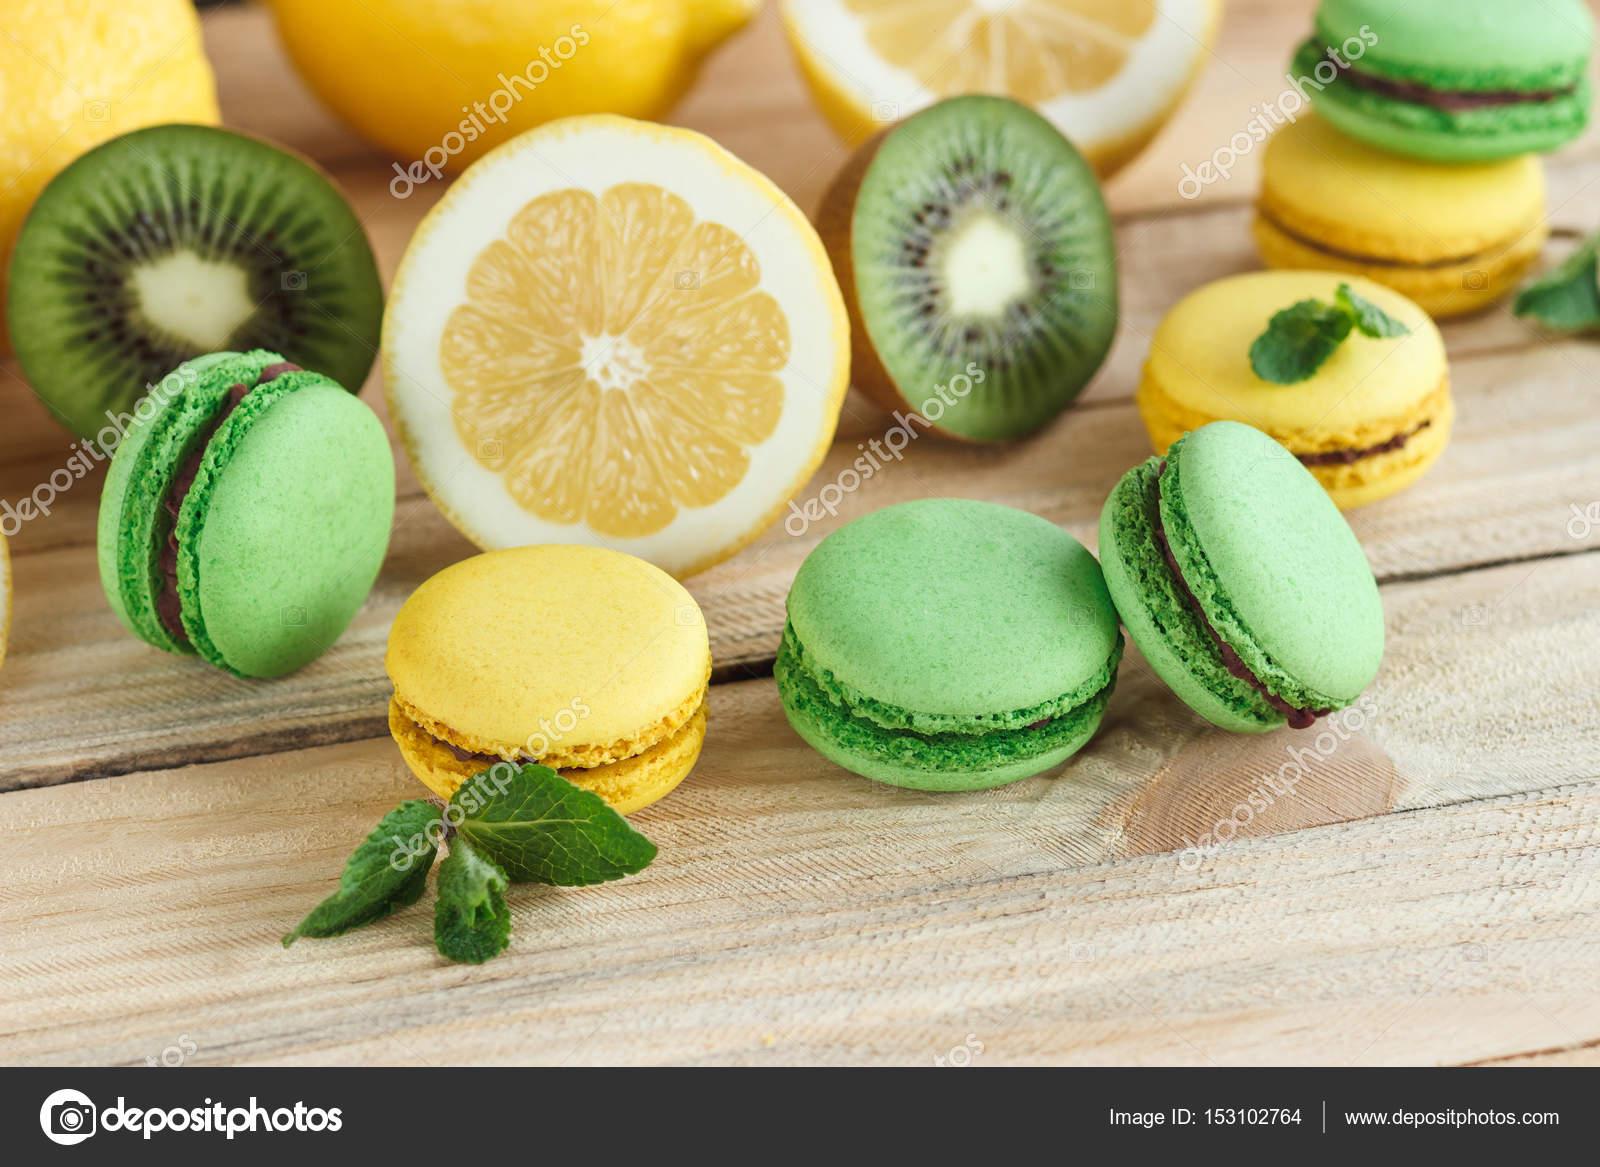 Macarons Di Verde E Giallo Con Decorazioni Kiwi Limone E Menta